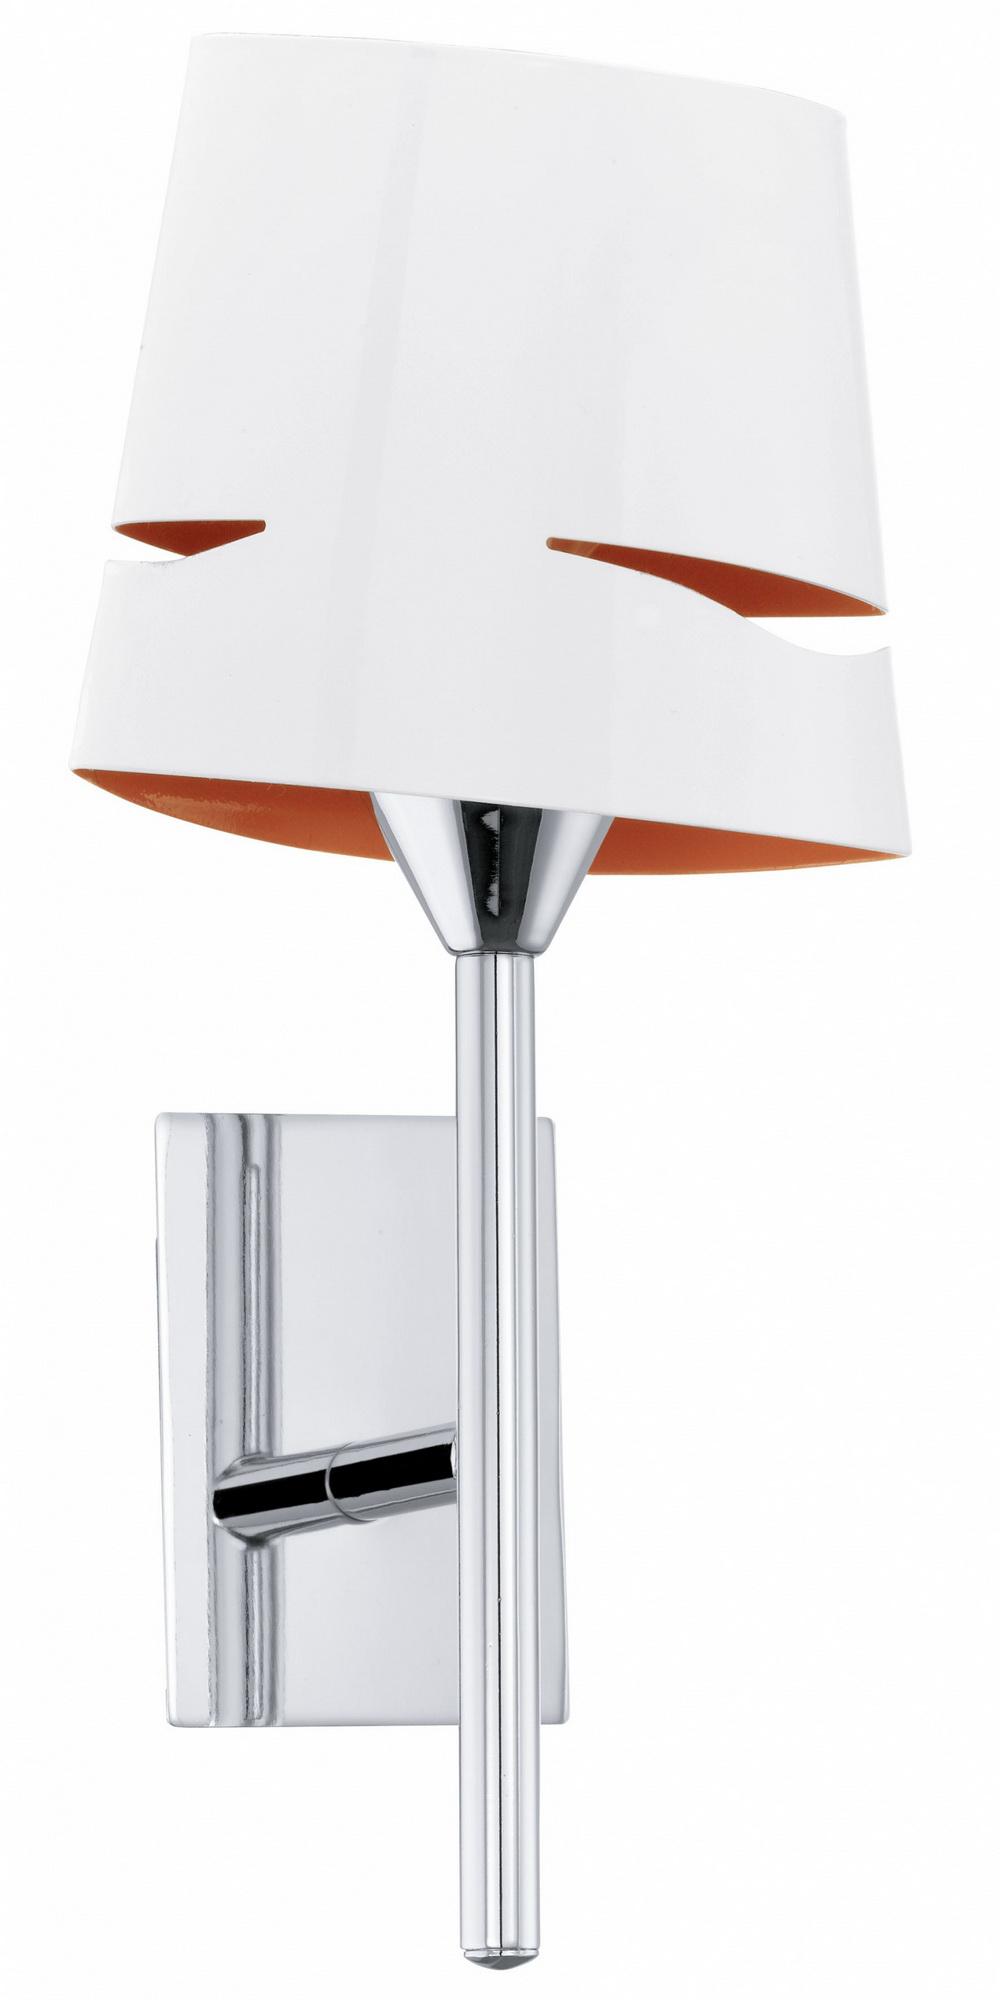 Светильник настенно-потолочный EgloНастенные светильники и бра<br>Назначение светильника: для комнаты, Стиль светильника: модерн, Материал светильника: металл, Тип лампы: накаливания, Количество ламп: 1, Мощность: 40, Патрон: Е14, Цвет арматуры: хром, Длина (мм): 150, Ширина: 305, Вес нетто: 0.543<br>